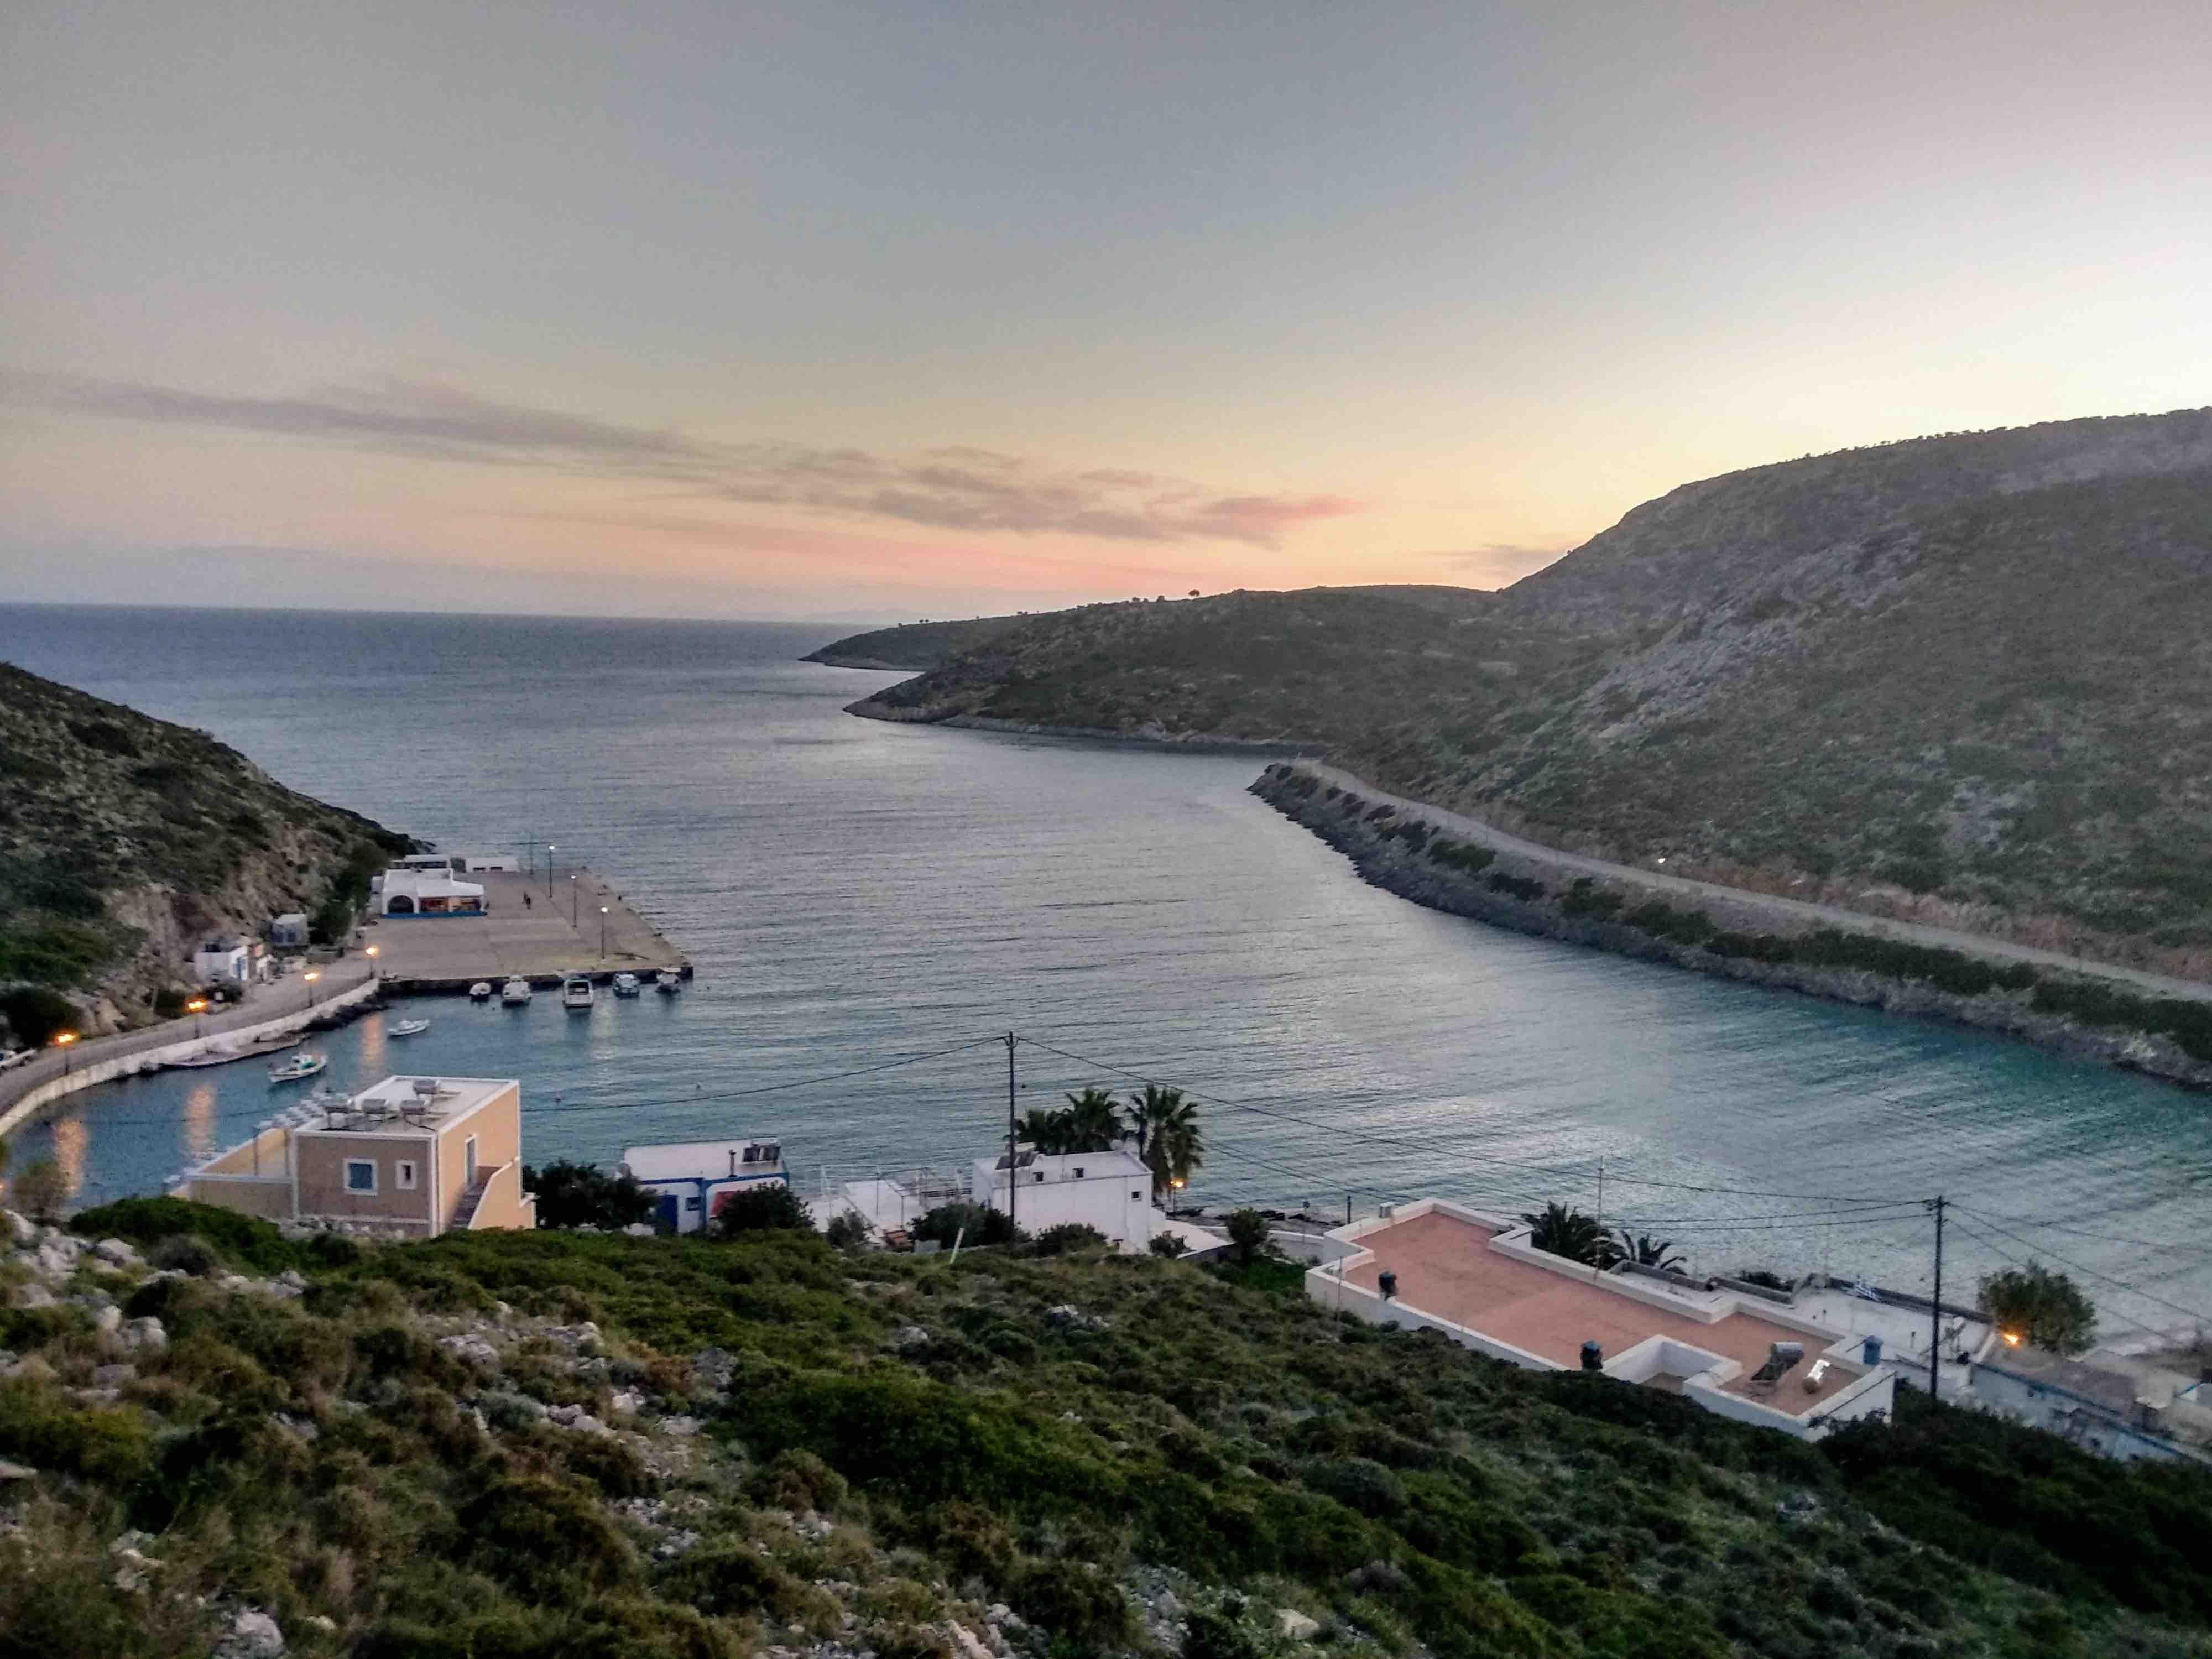 Αγαθονήσι, ένα νησί στο κέντρο των τουρκικών προκλήσεων